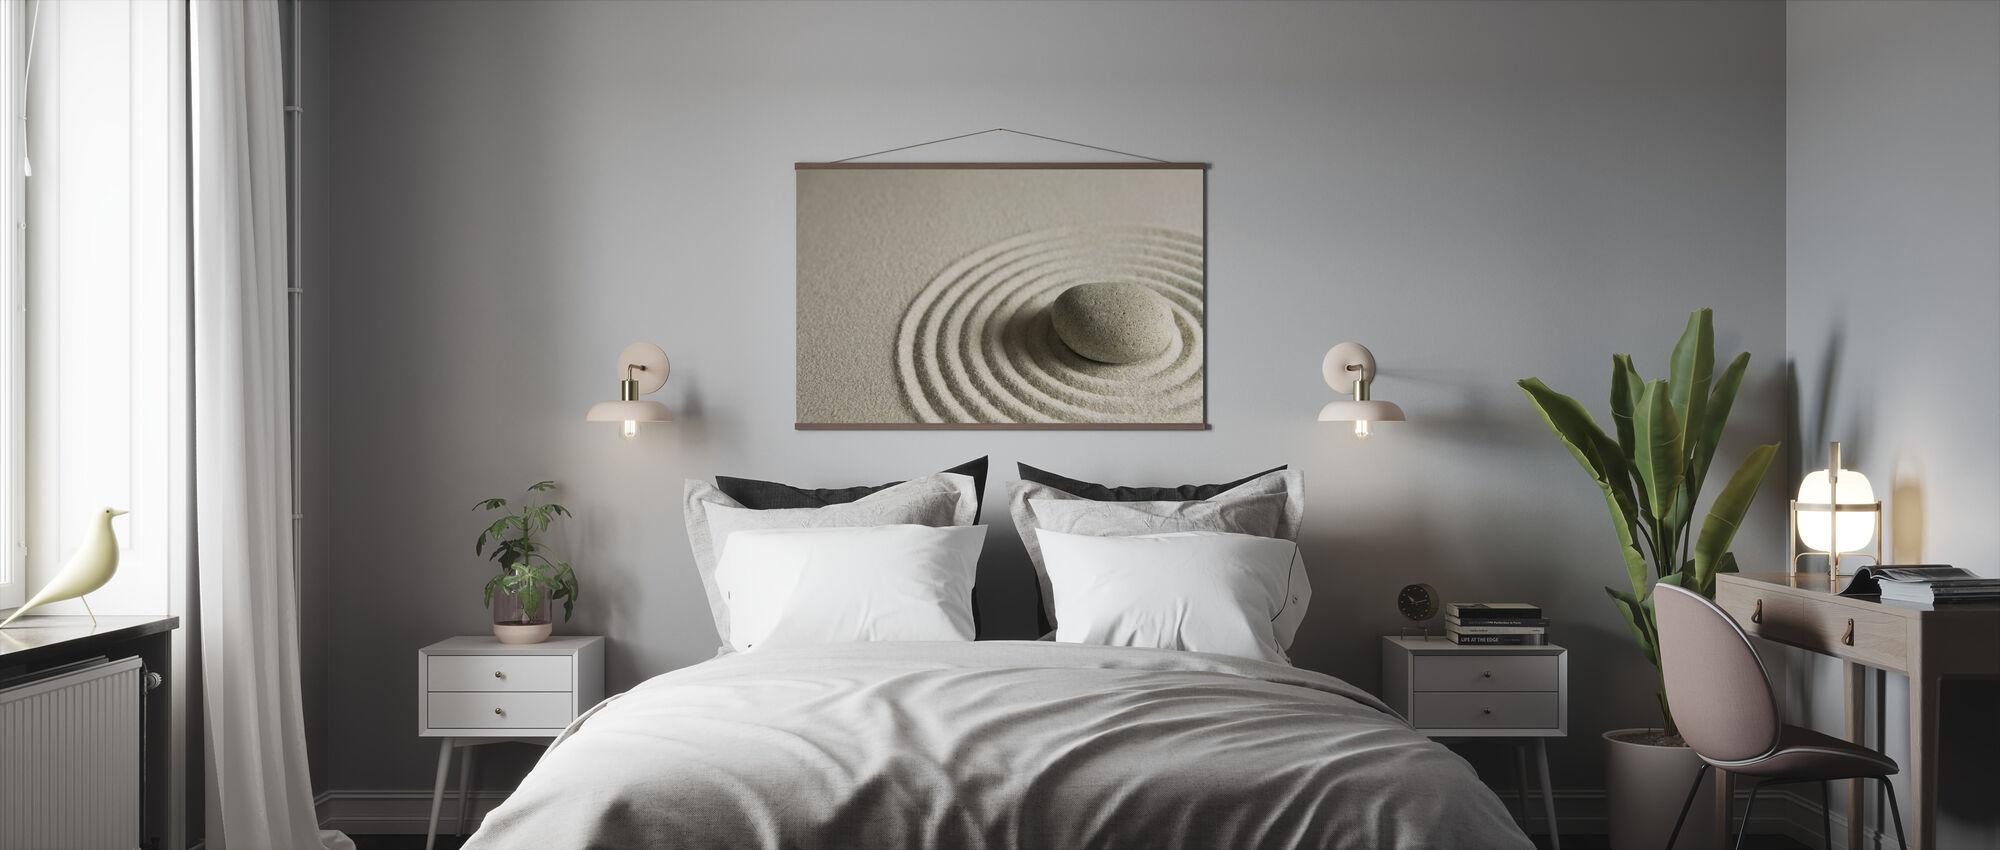 Zen-steen - Poster - Slaapkamer